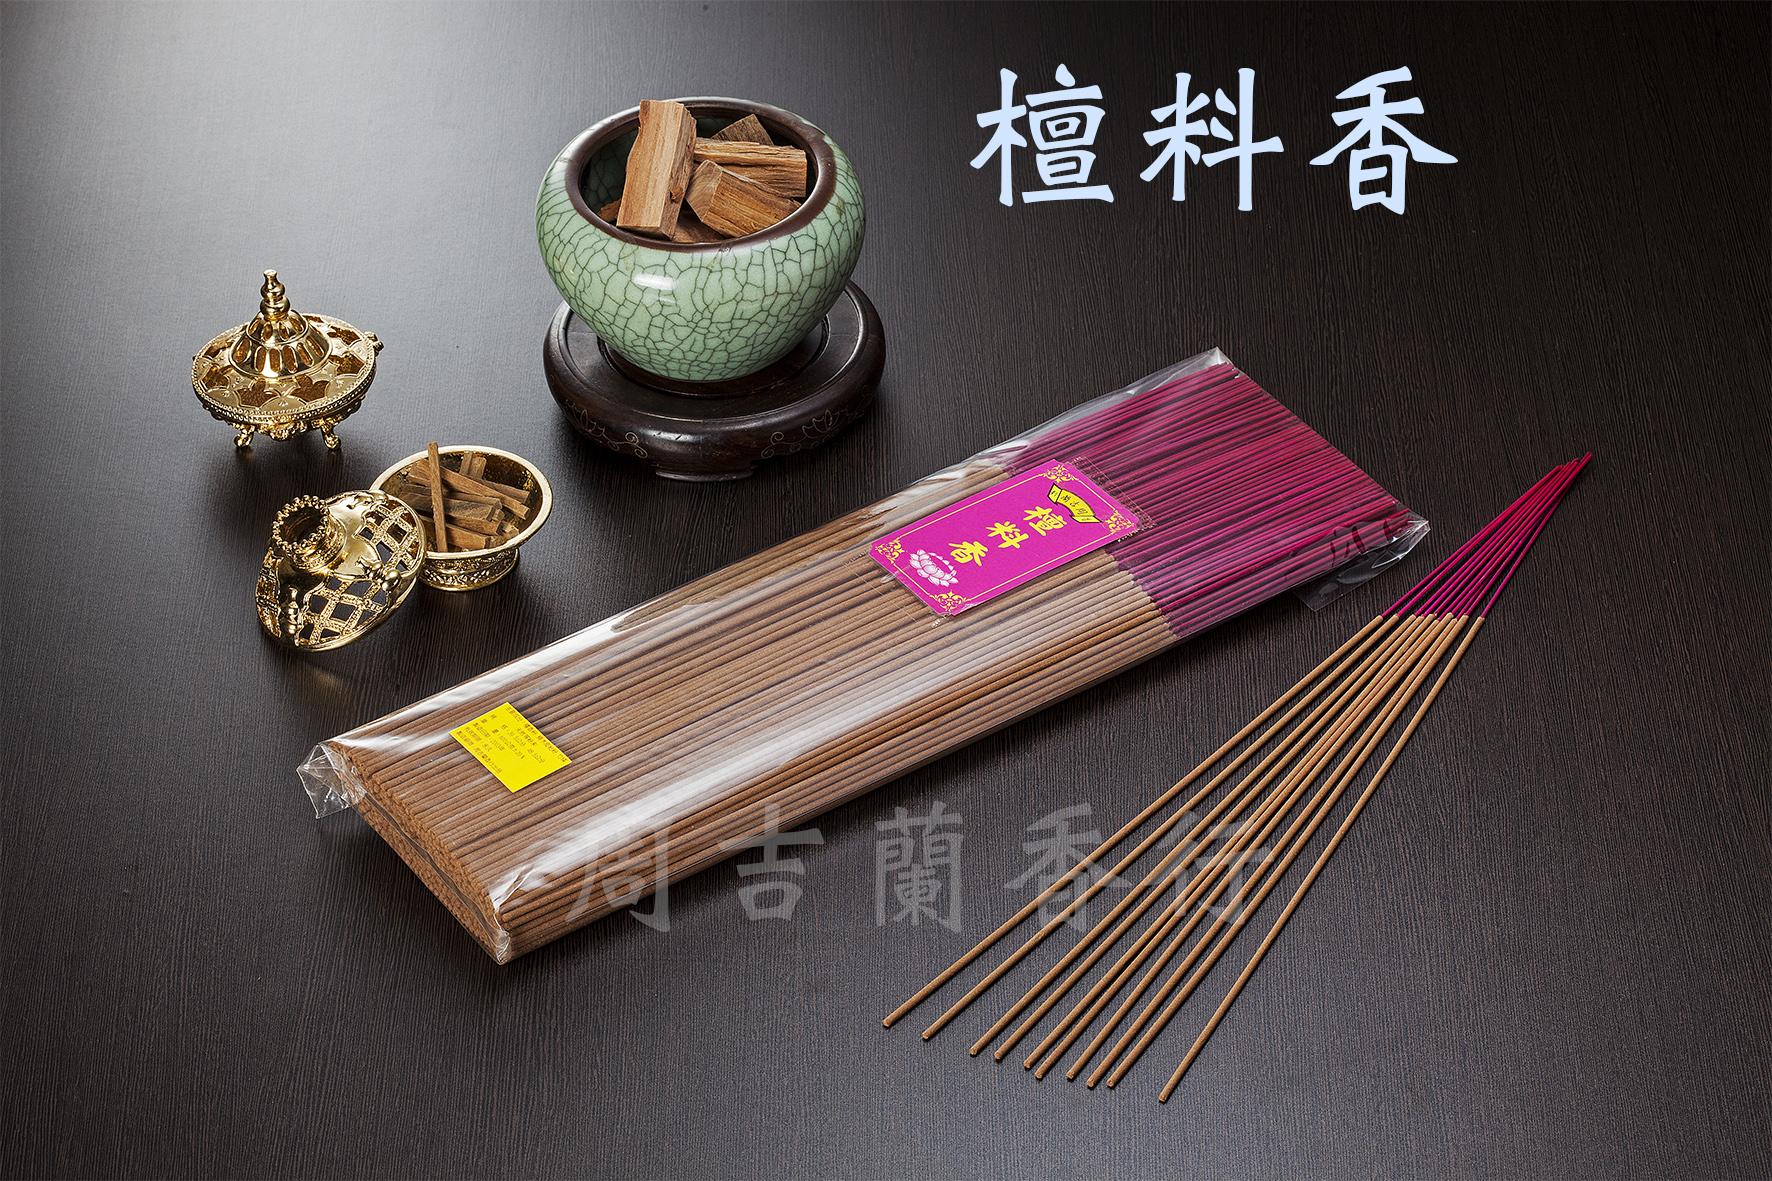 檀料香 線香 香品 居家 宮 廟 過年 中元 拜拜 開運 1台斤 尺三 有香來拜